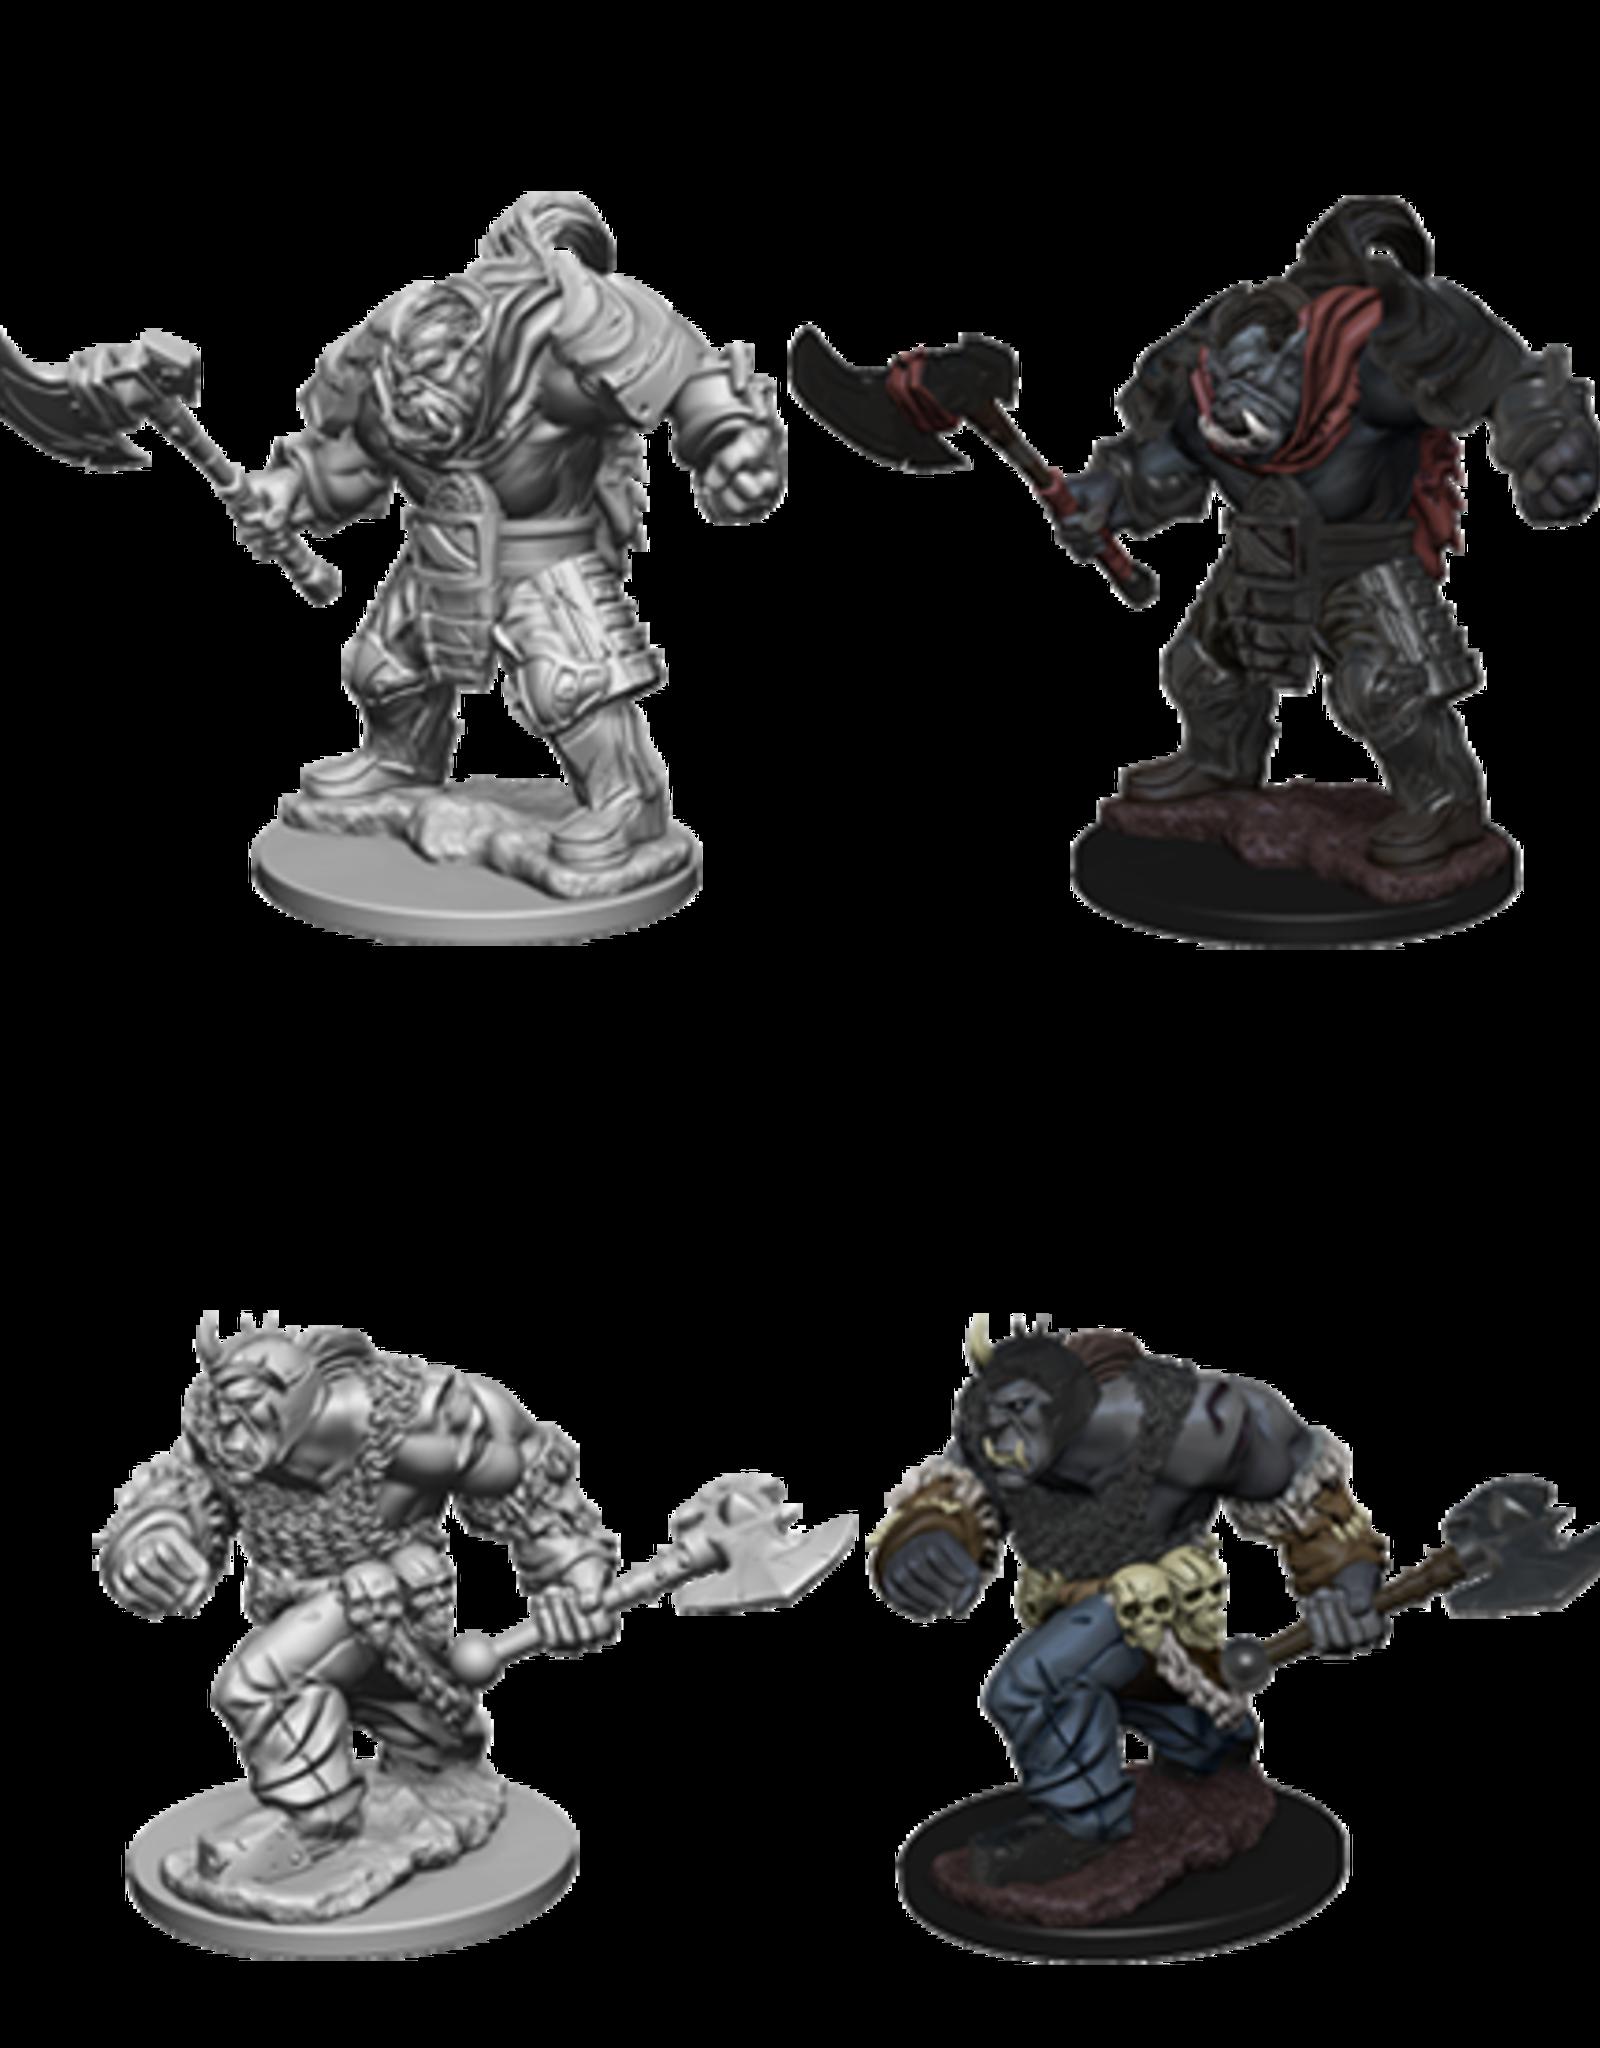 Dungeons & Dragons D&D NMU - Orcs